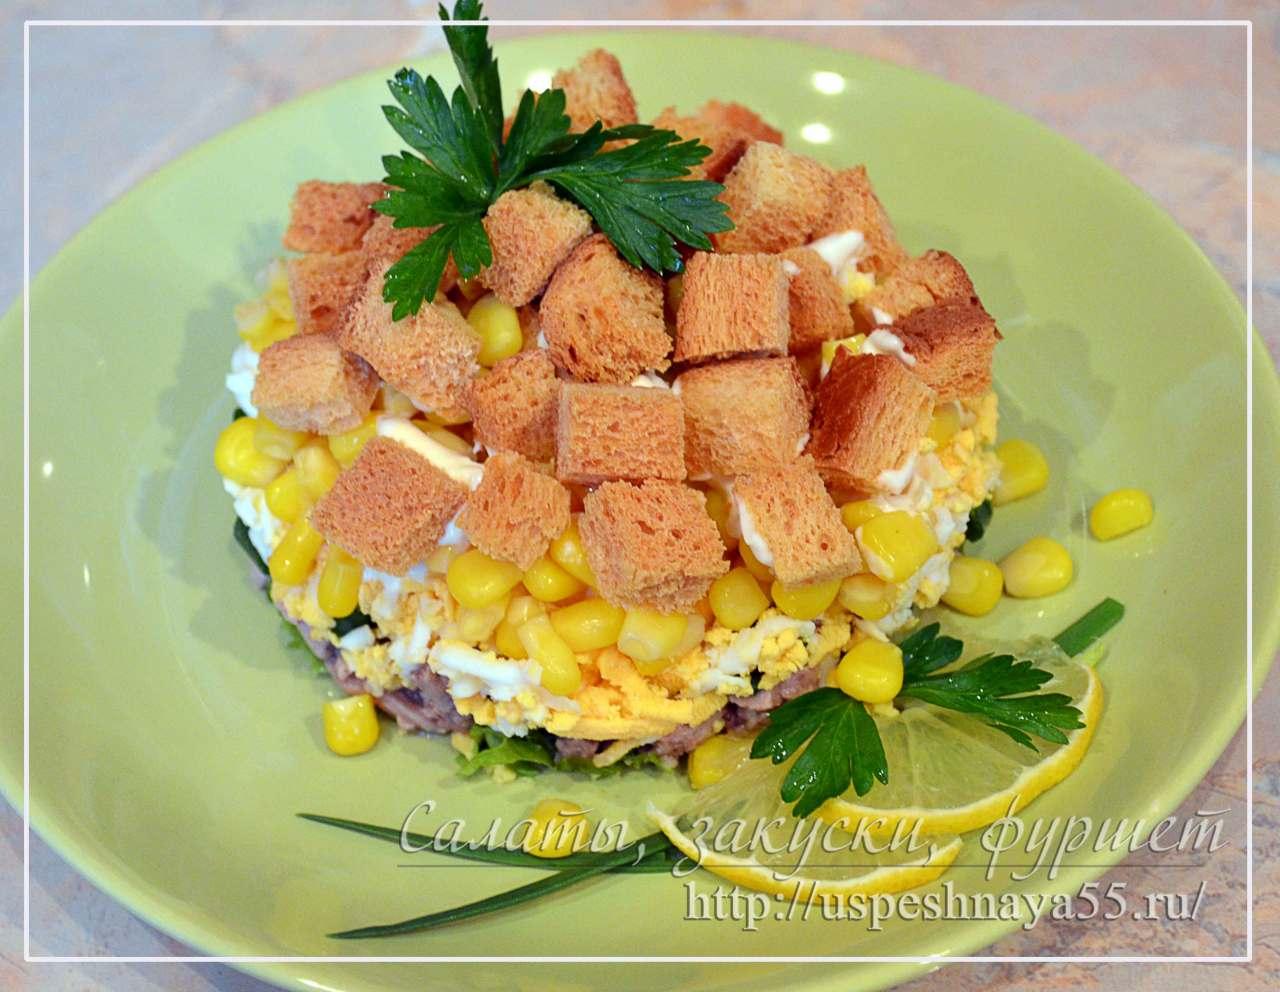 Классический салат из печени трески рецепт очень вкусный пошаговый